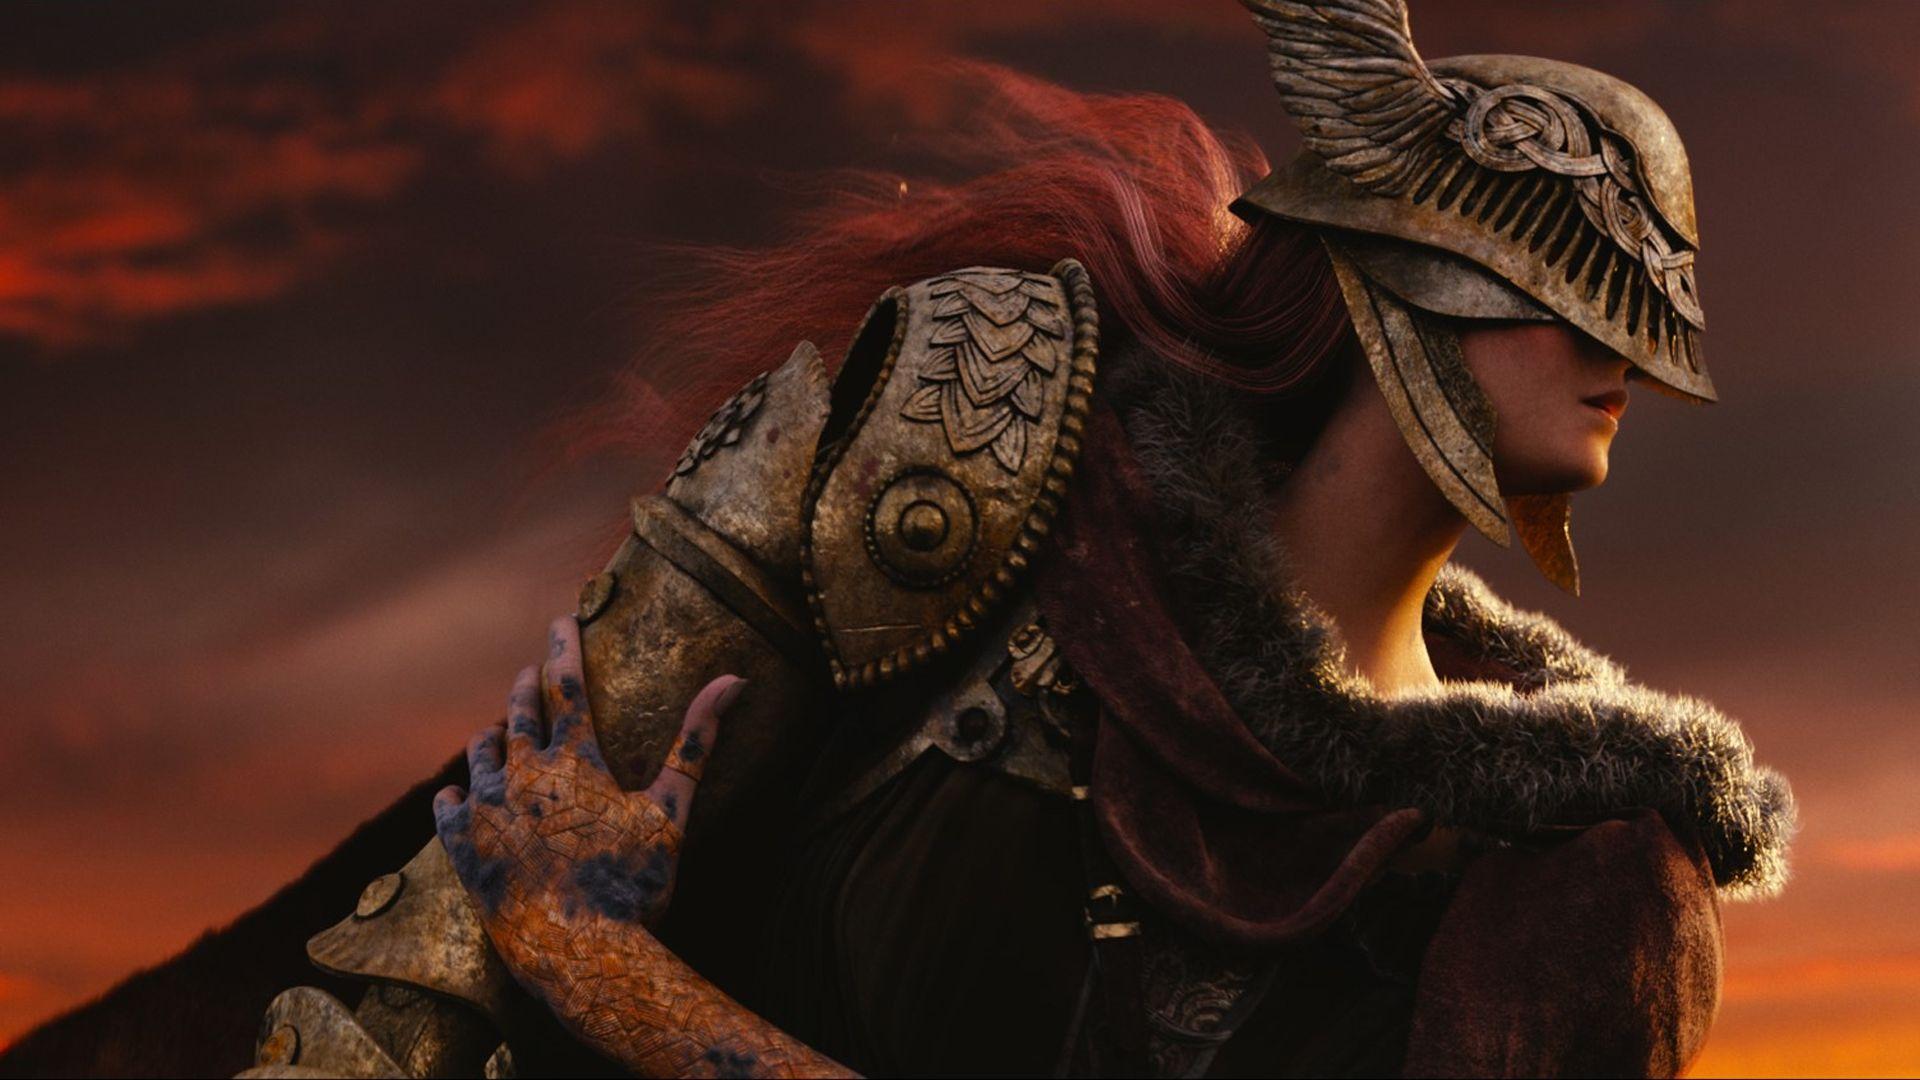 Foto mostra personagem de Elden Ring em alta definição